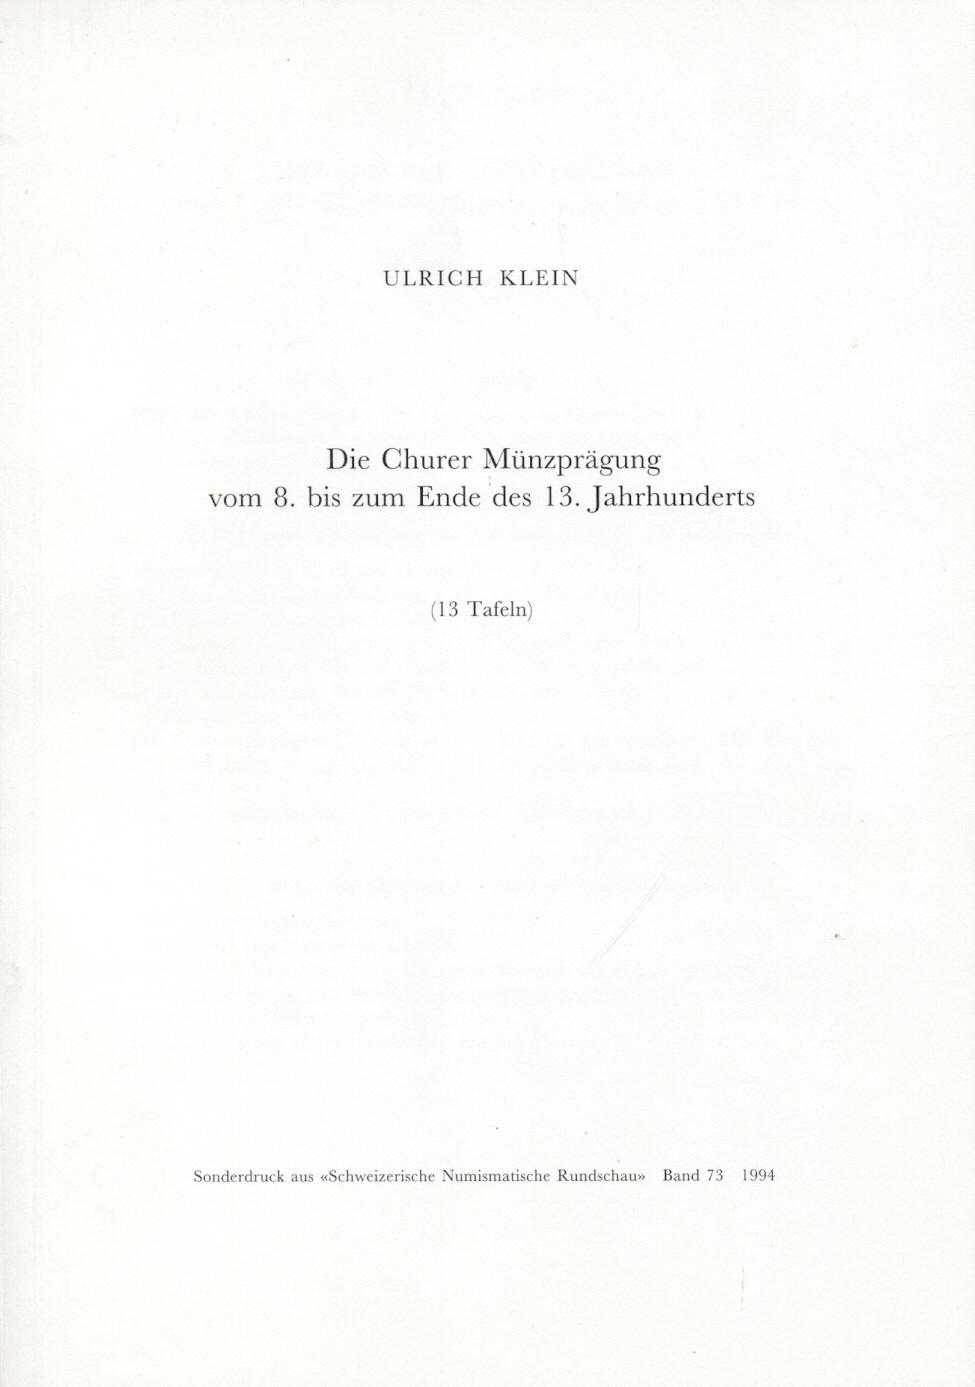 1994 SCHWEIZ - KLEIN - DIE CHURER MÜNZPRÄGUNG NEU